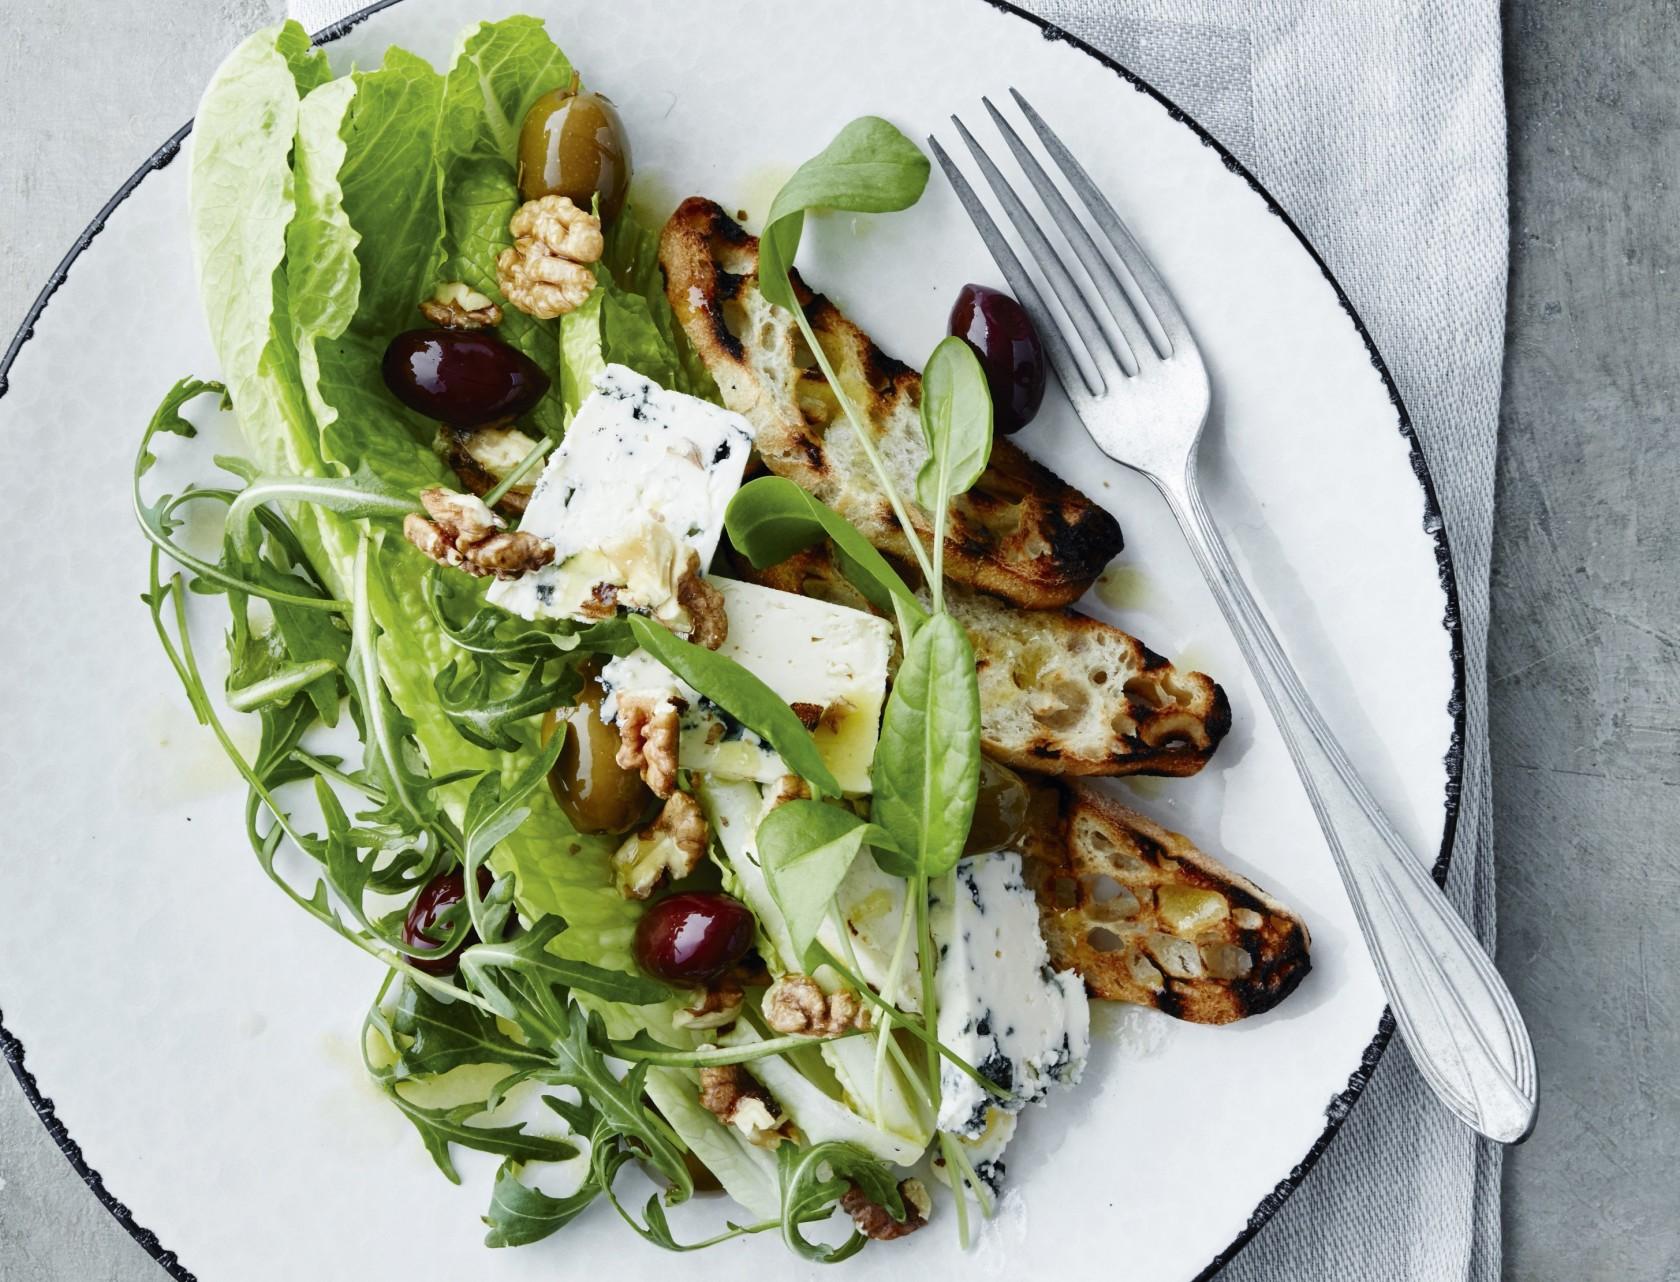 Grillet brød med blåskimmelost, oliven og valnødder - let frokost eller fyldig forret.